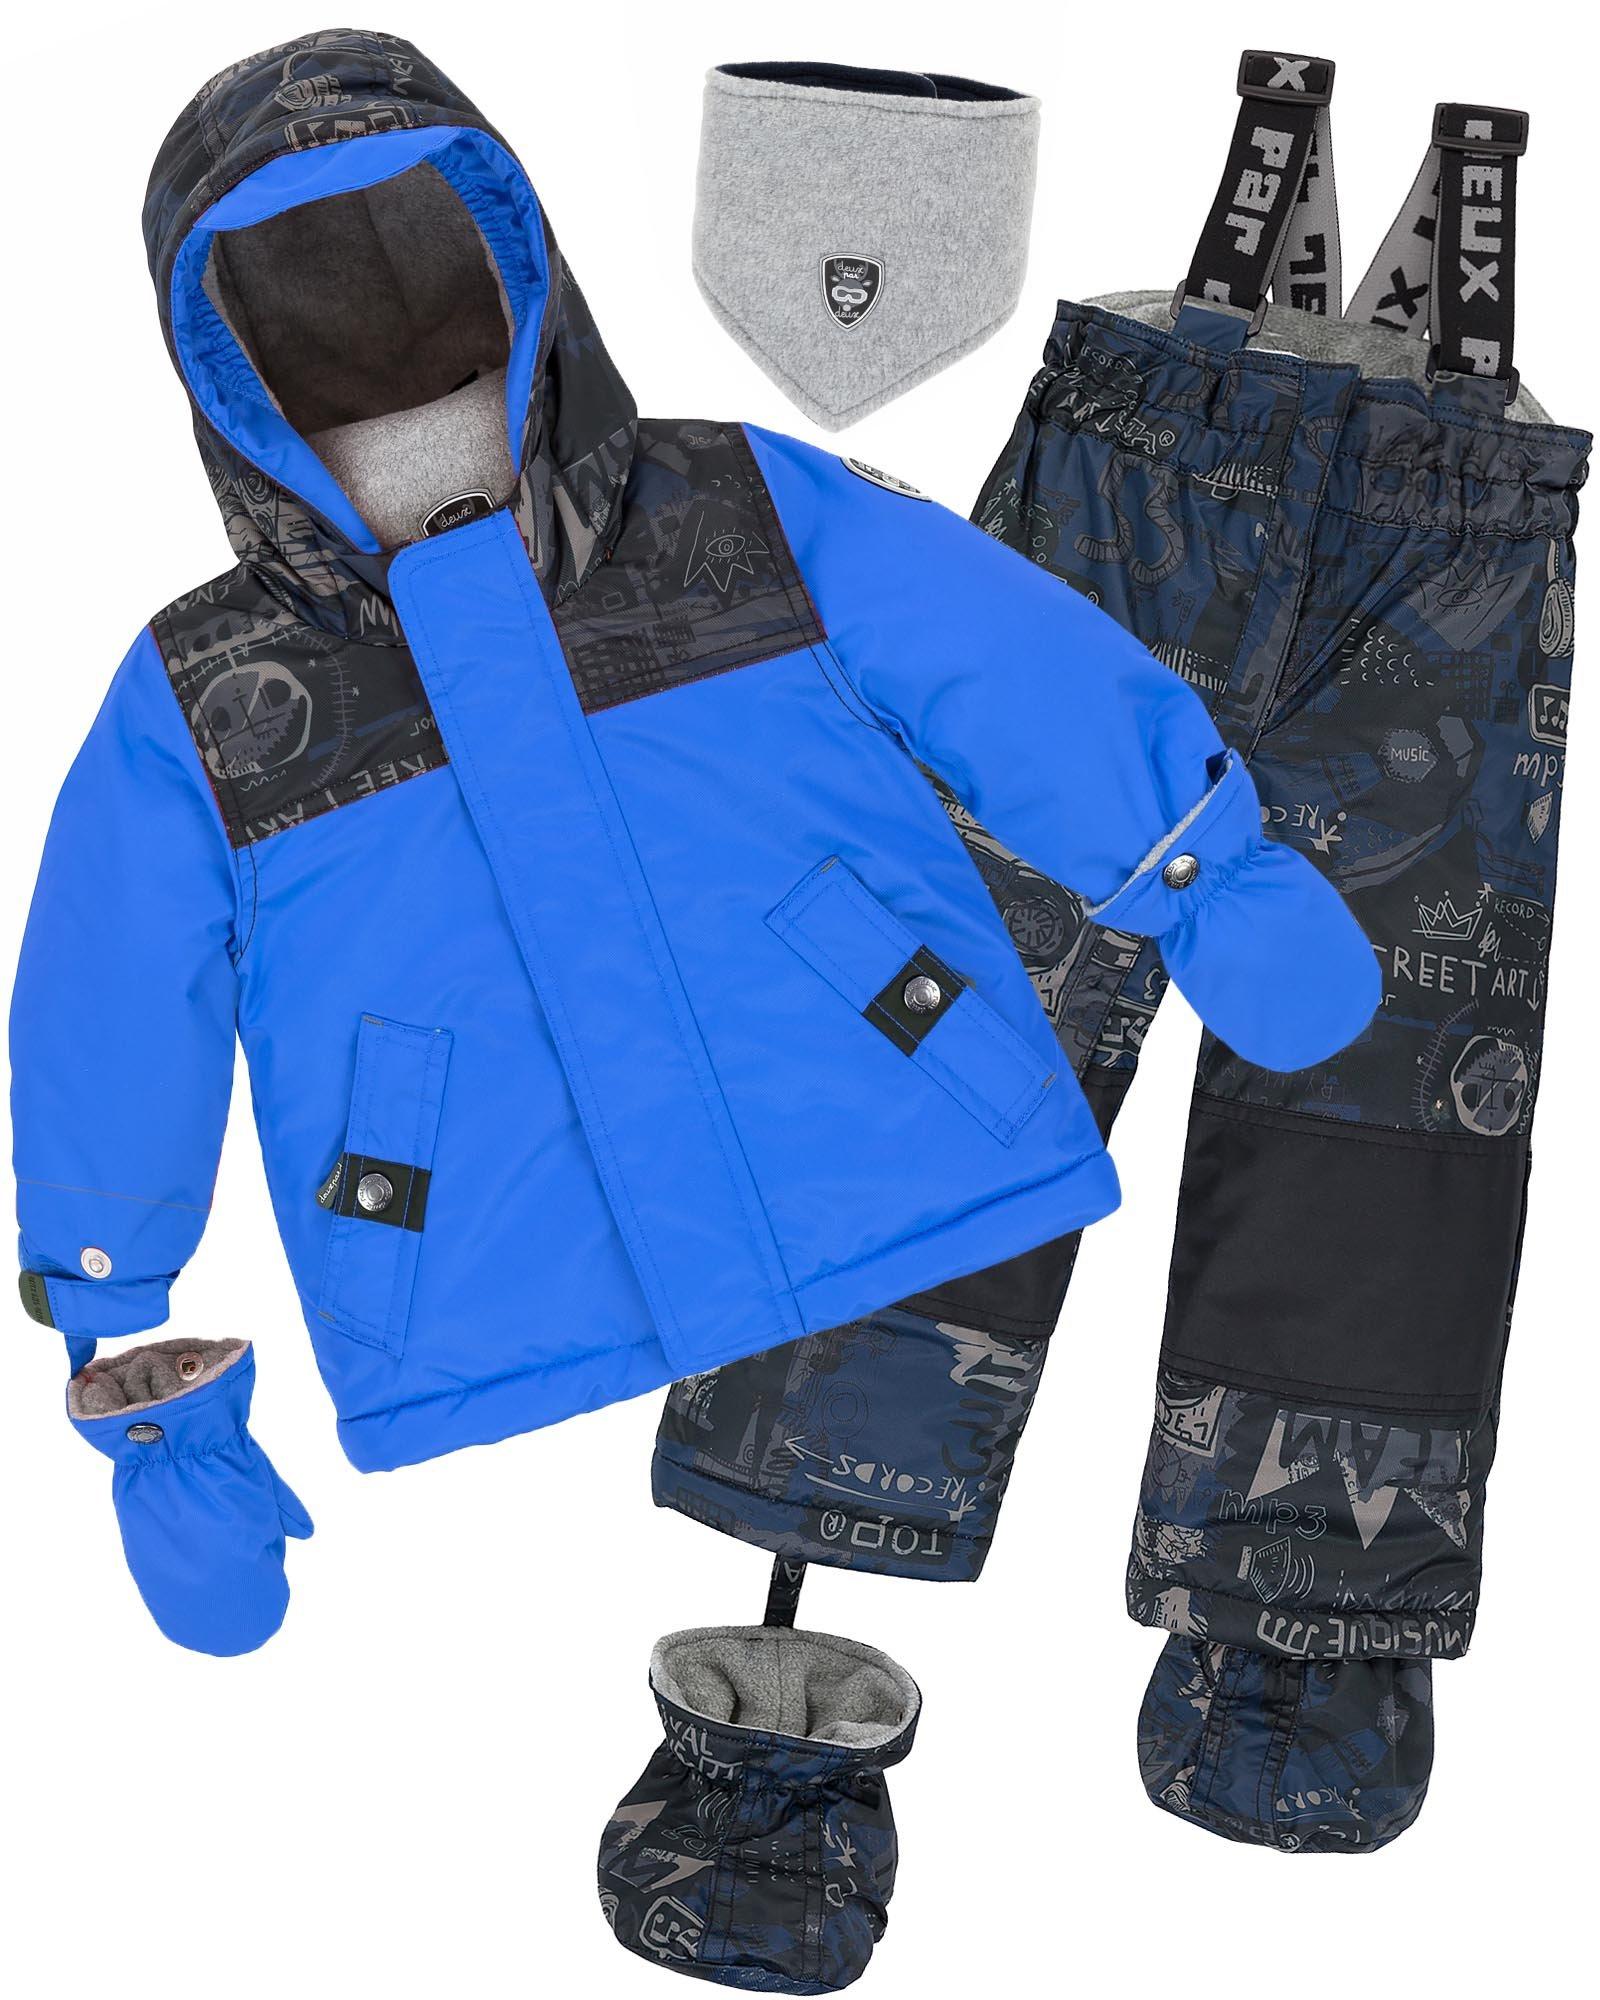 Deux par Deux Little Boys' 2-Piece Snowsuit Hey Mr Dj Blue, Sizes 18-36M - 30M by Deux par Deux